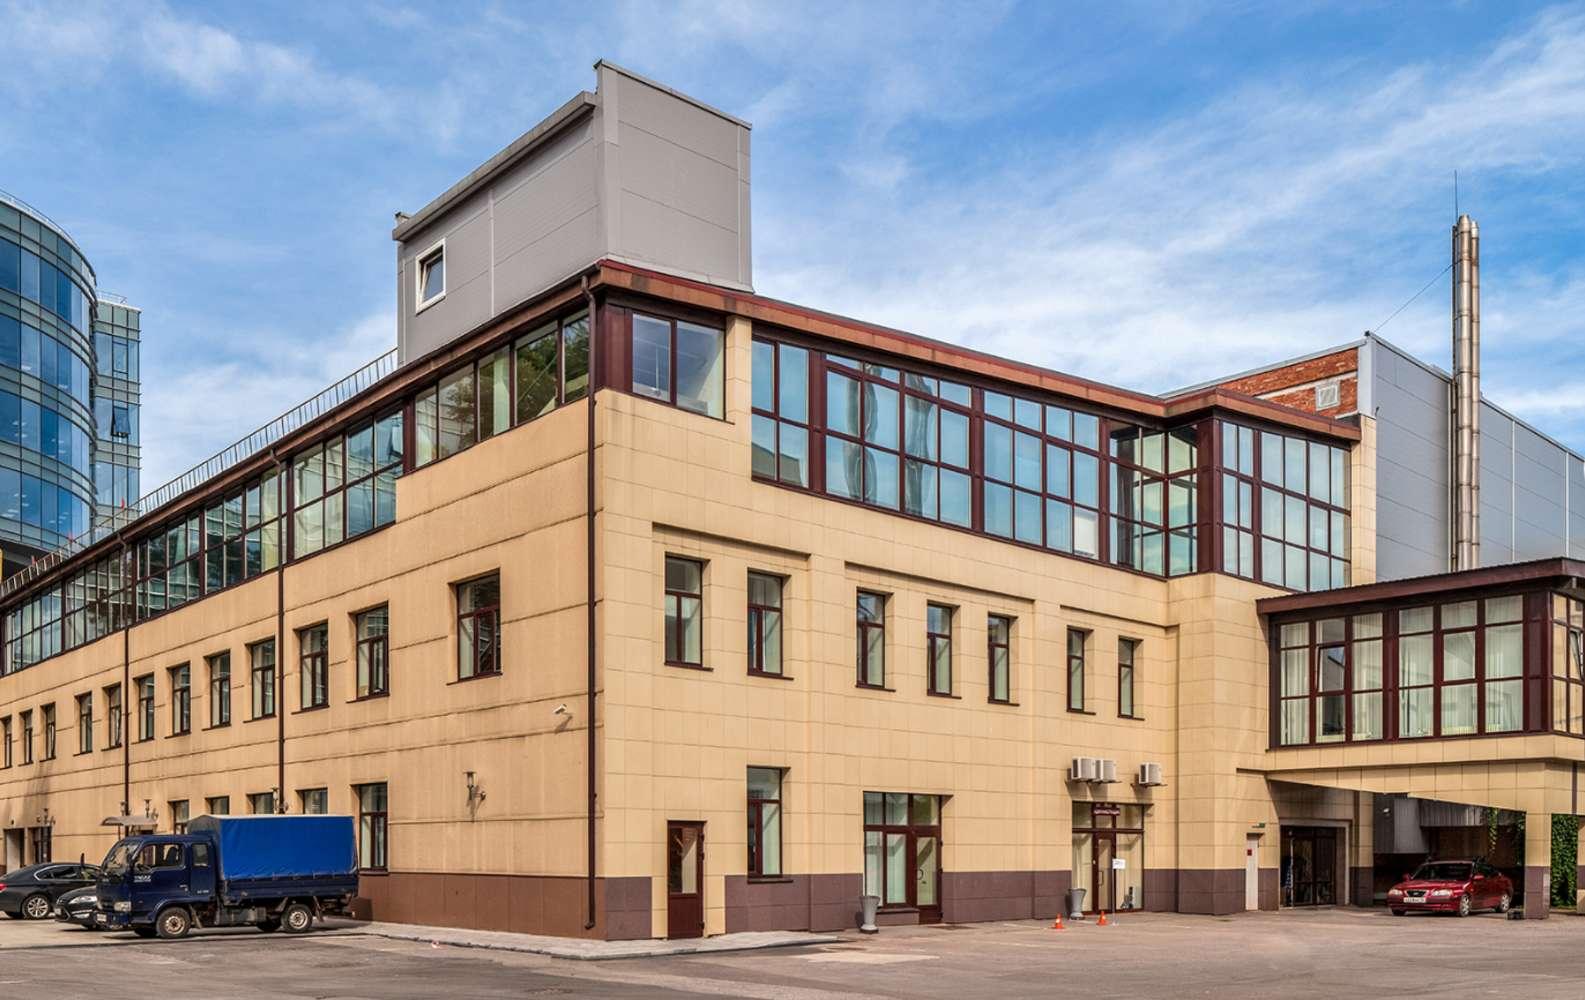 Офисная недвижимость Санкт-петербург, 197101 - Сенатор  (ул. Чапаева, 15, Литера Ж)